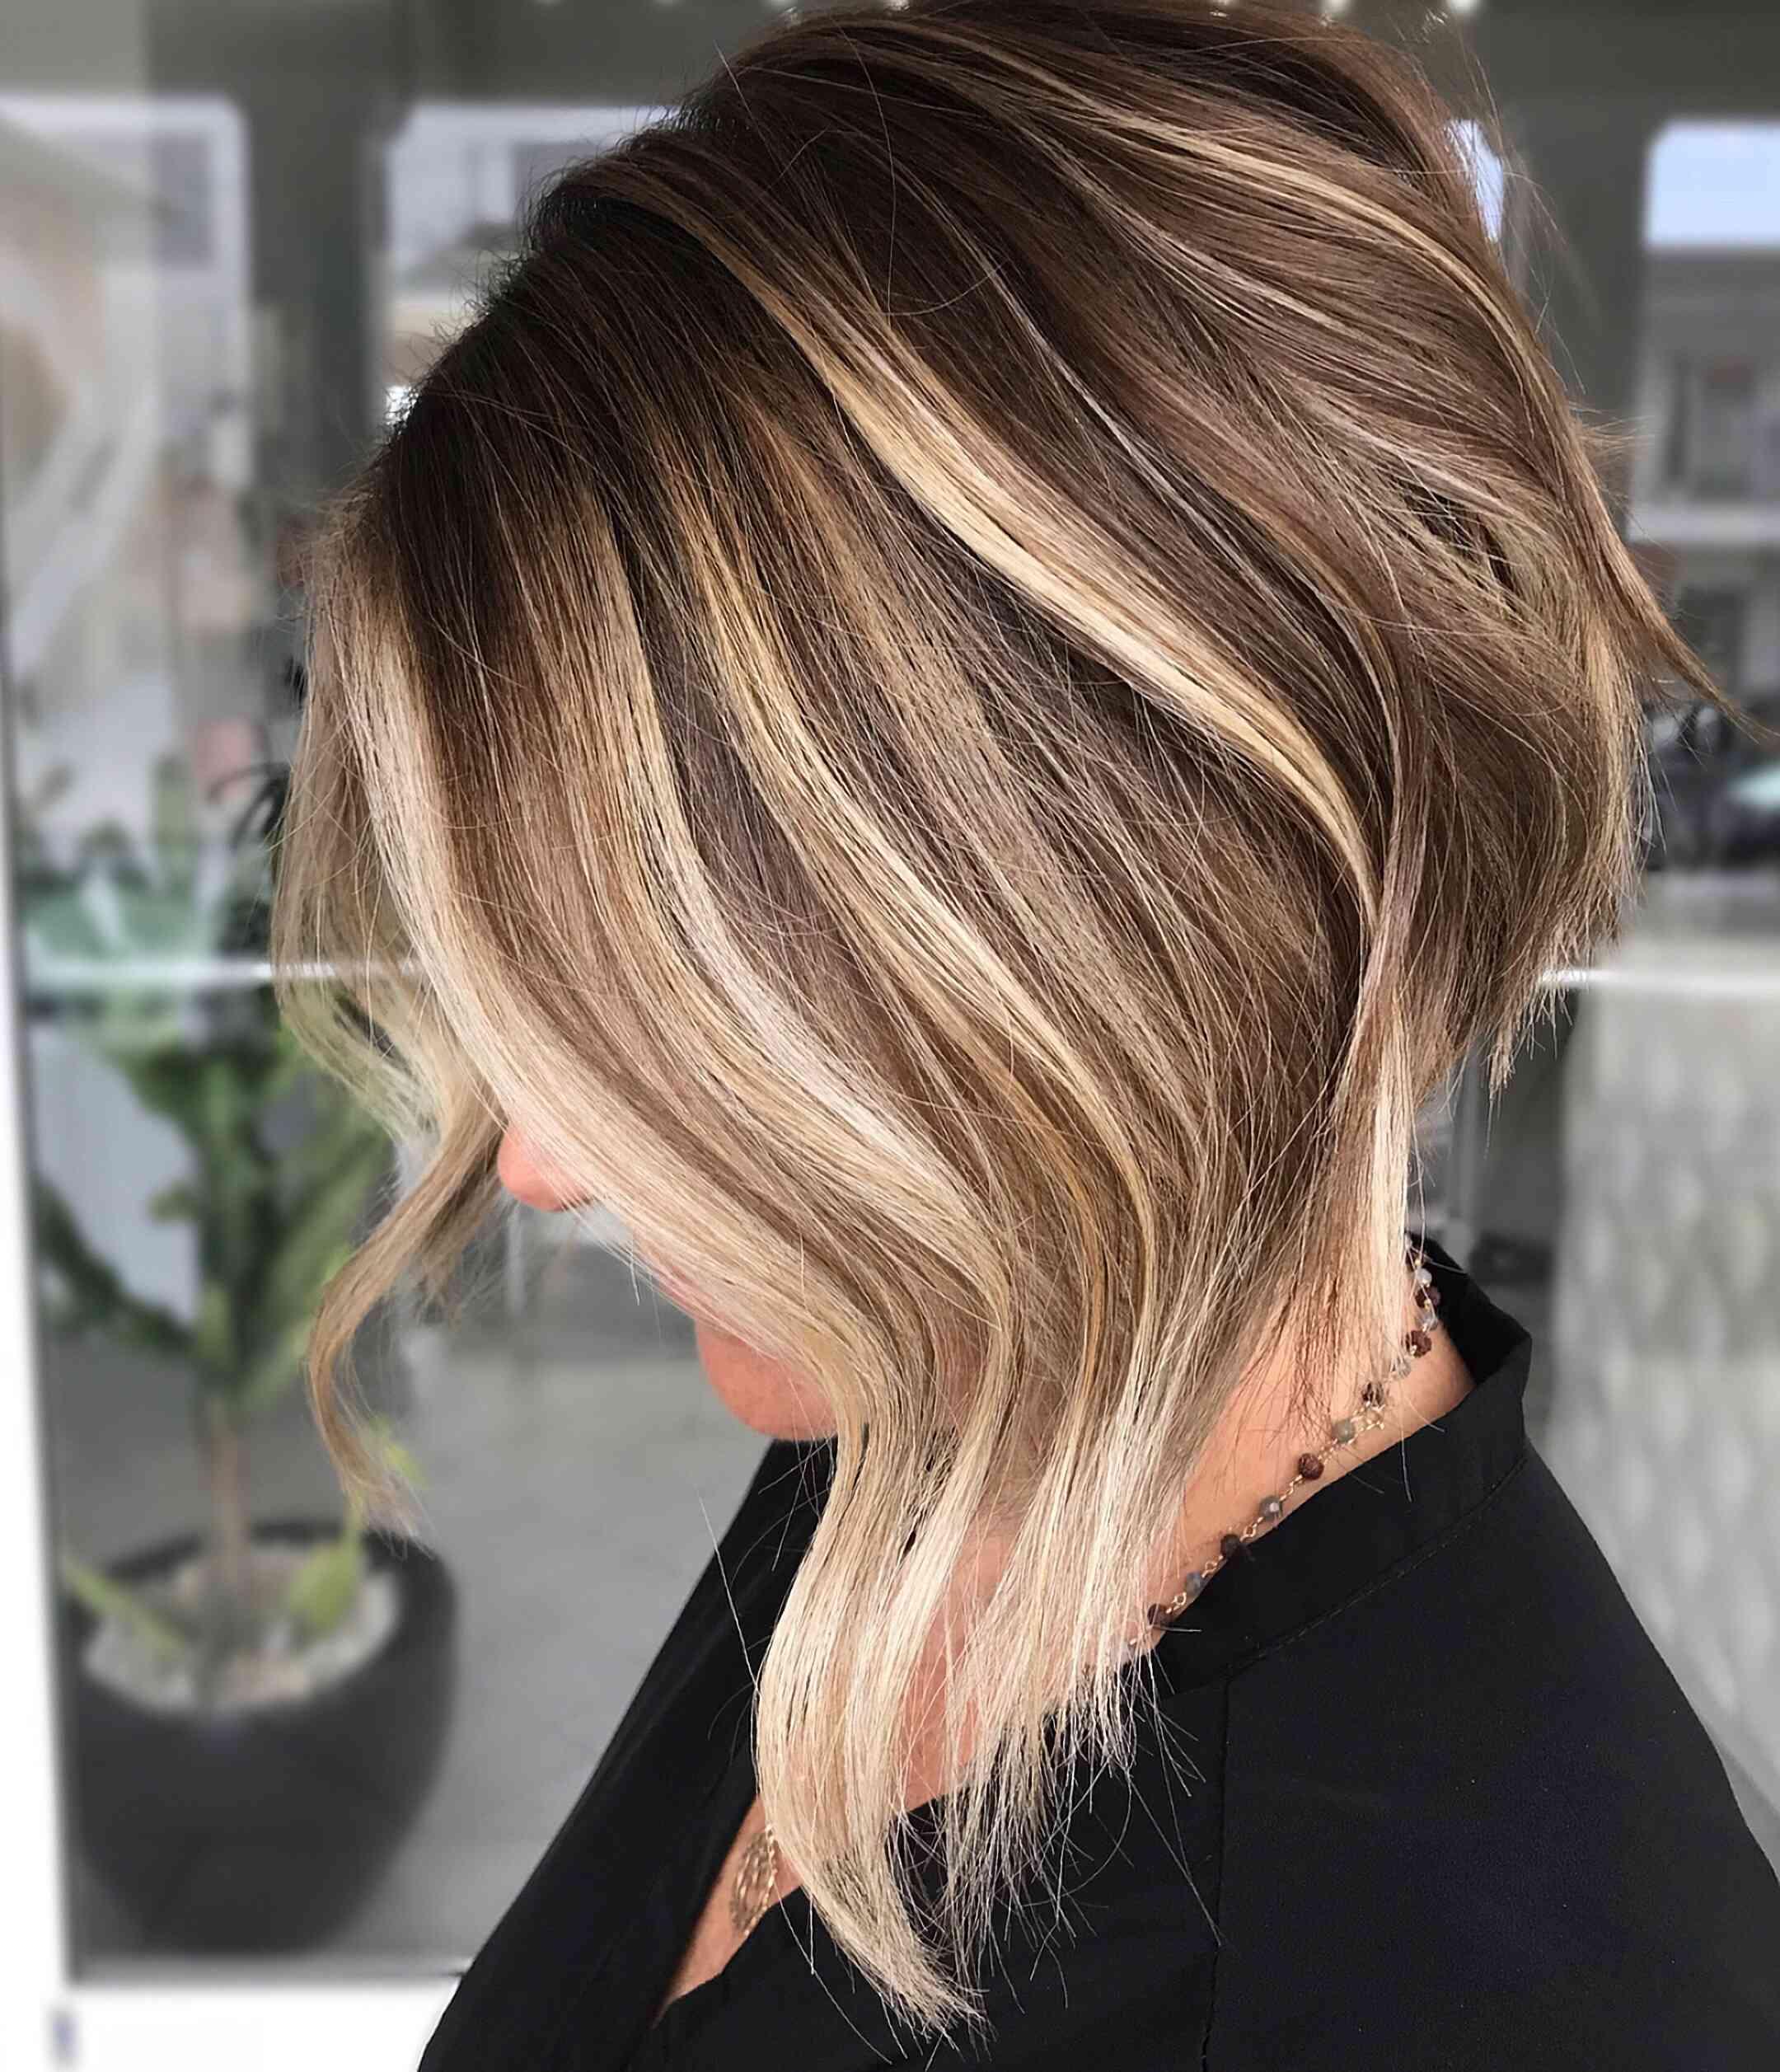 удлиненный боб градуированными волосами